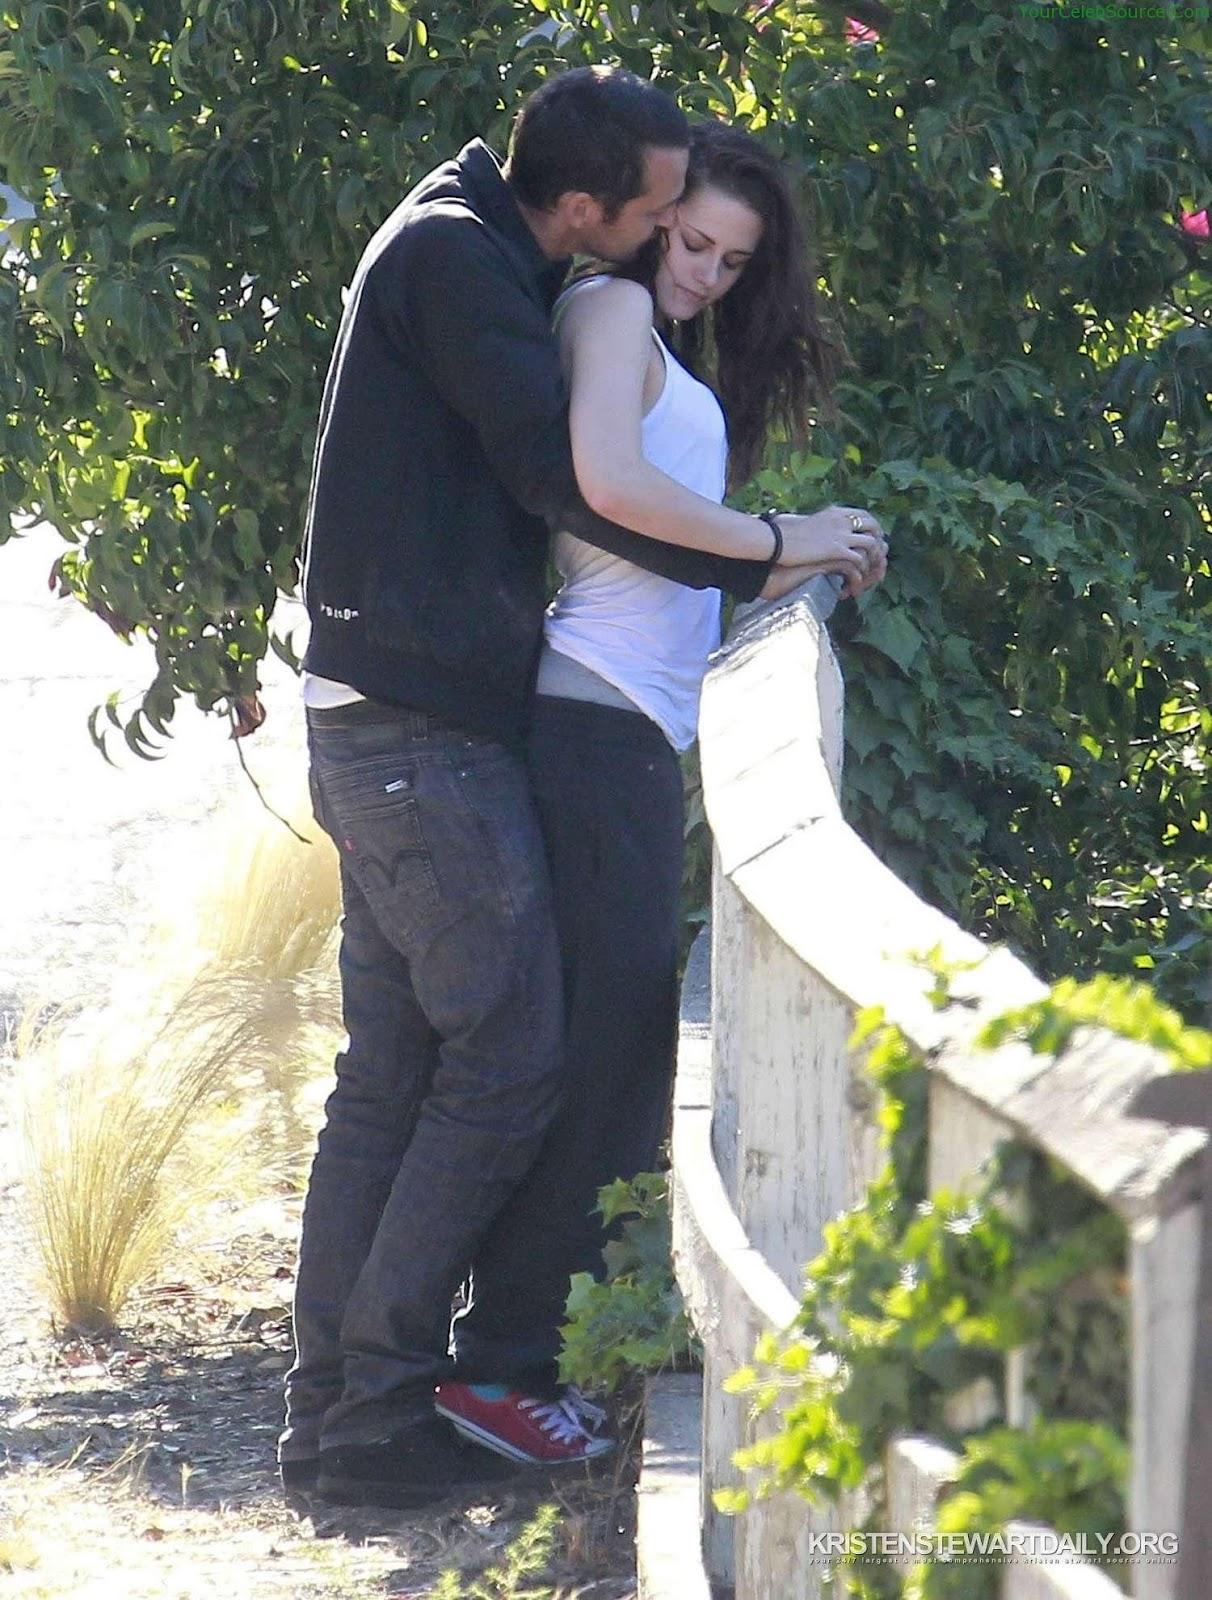 http://4.bp.blogspot.com/--tcQfsh5m6U/UB6p12zM1UI/AAAAAAAACEI/FSCwe6ZTLwI/s1600/Kristen-Stewart-Rupert-Sanders-Hugging-Love-5.jpg